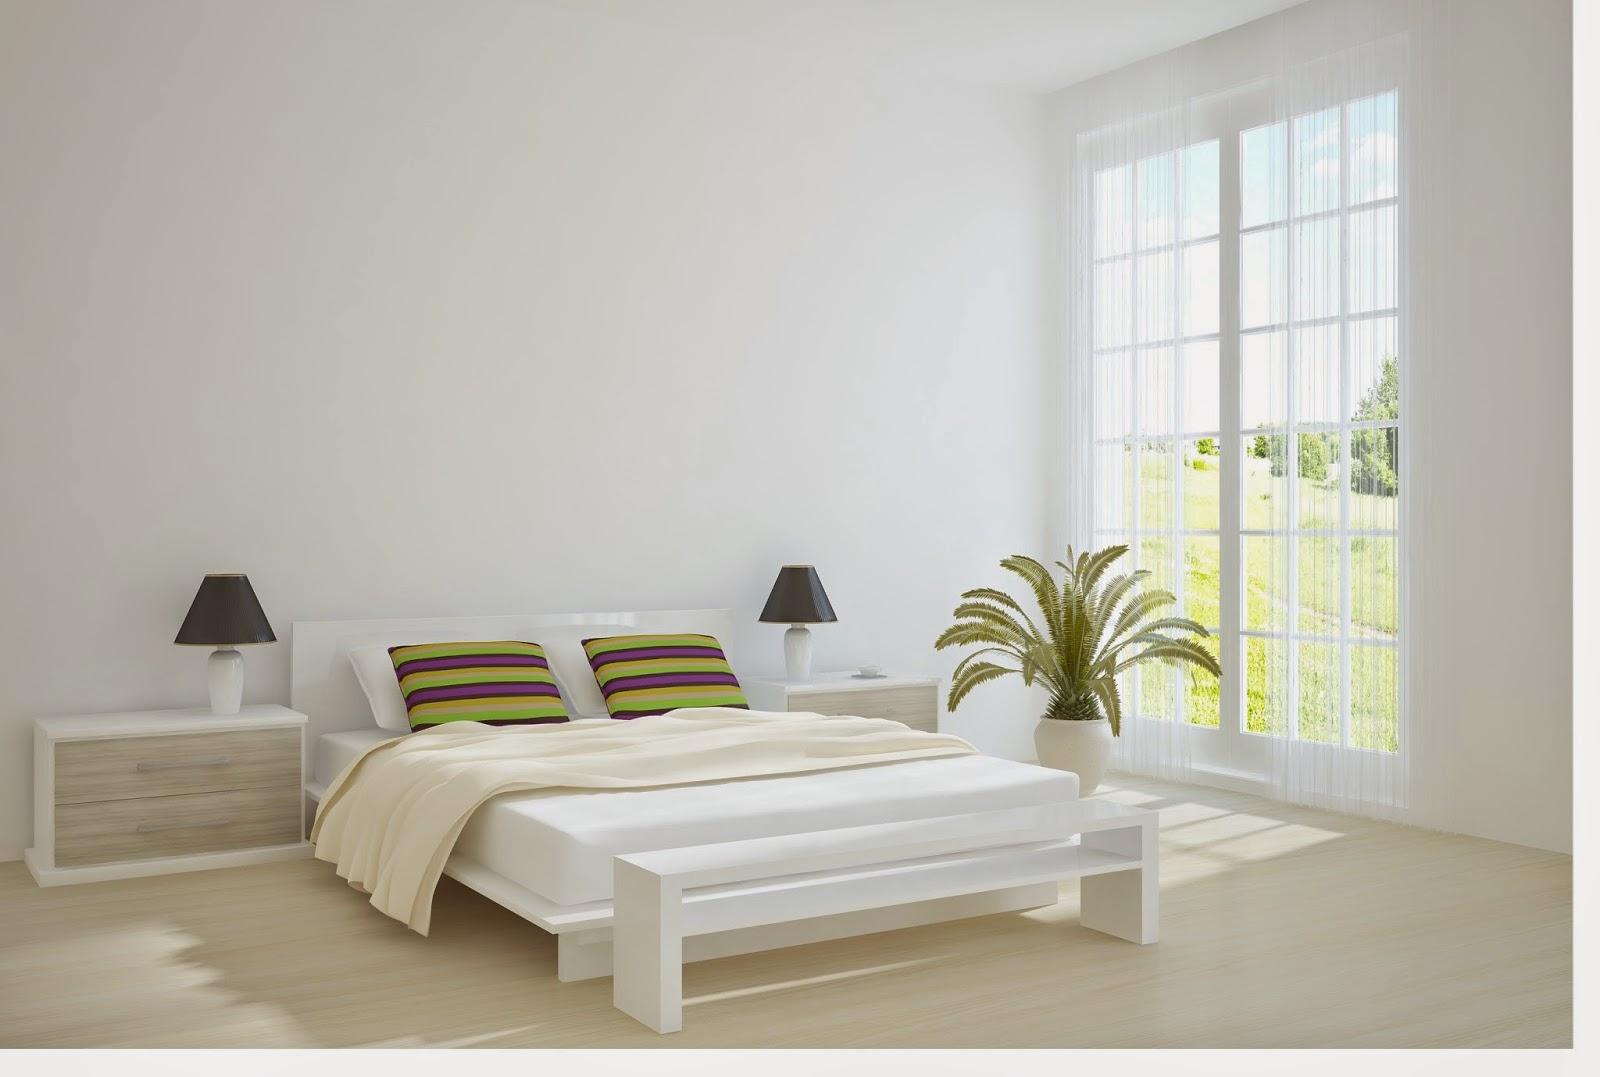 Cool Bed Frames cool bed frames. unique canopy beds. modern elegant design of the